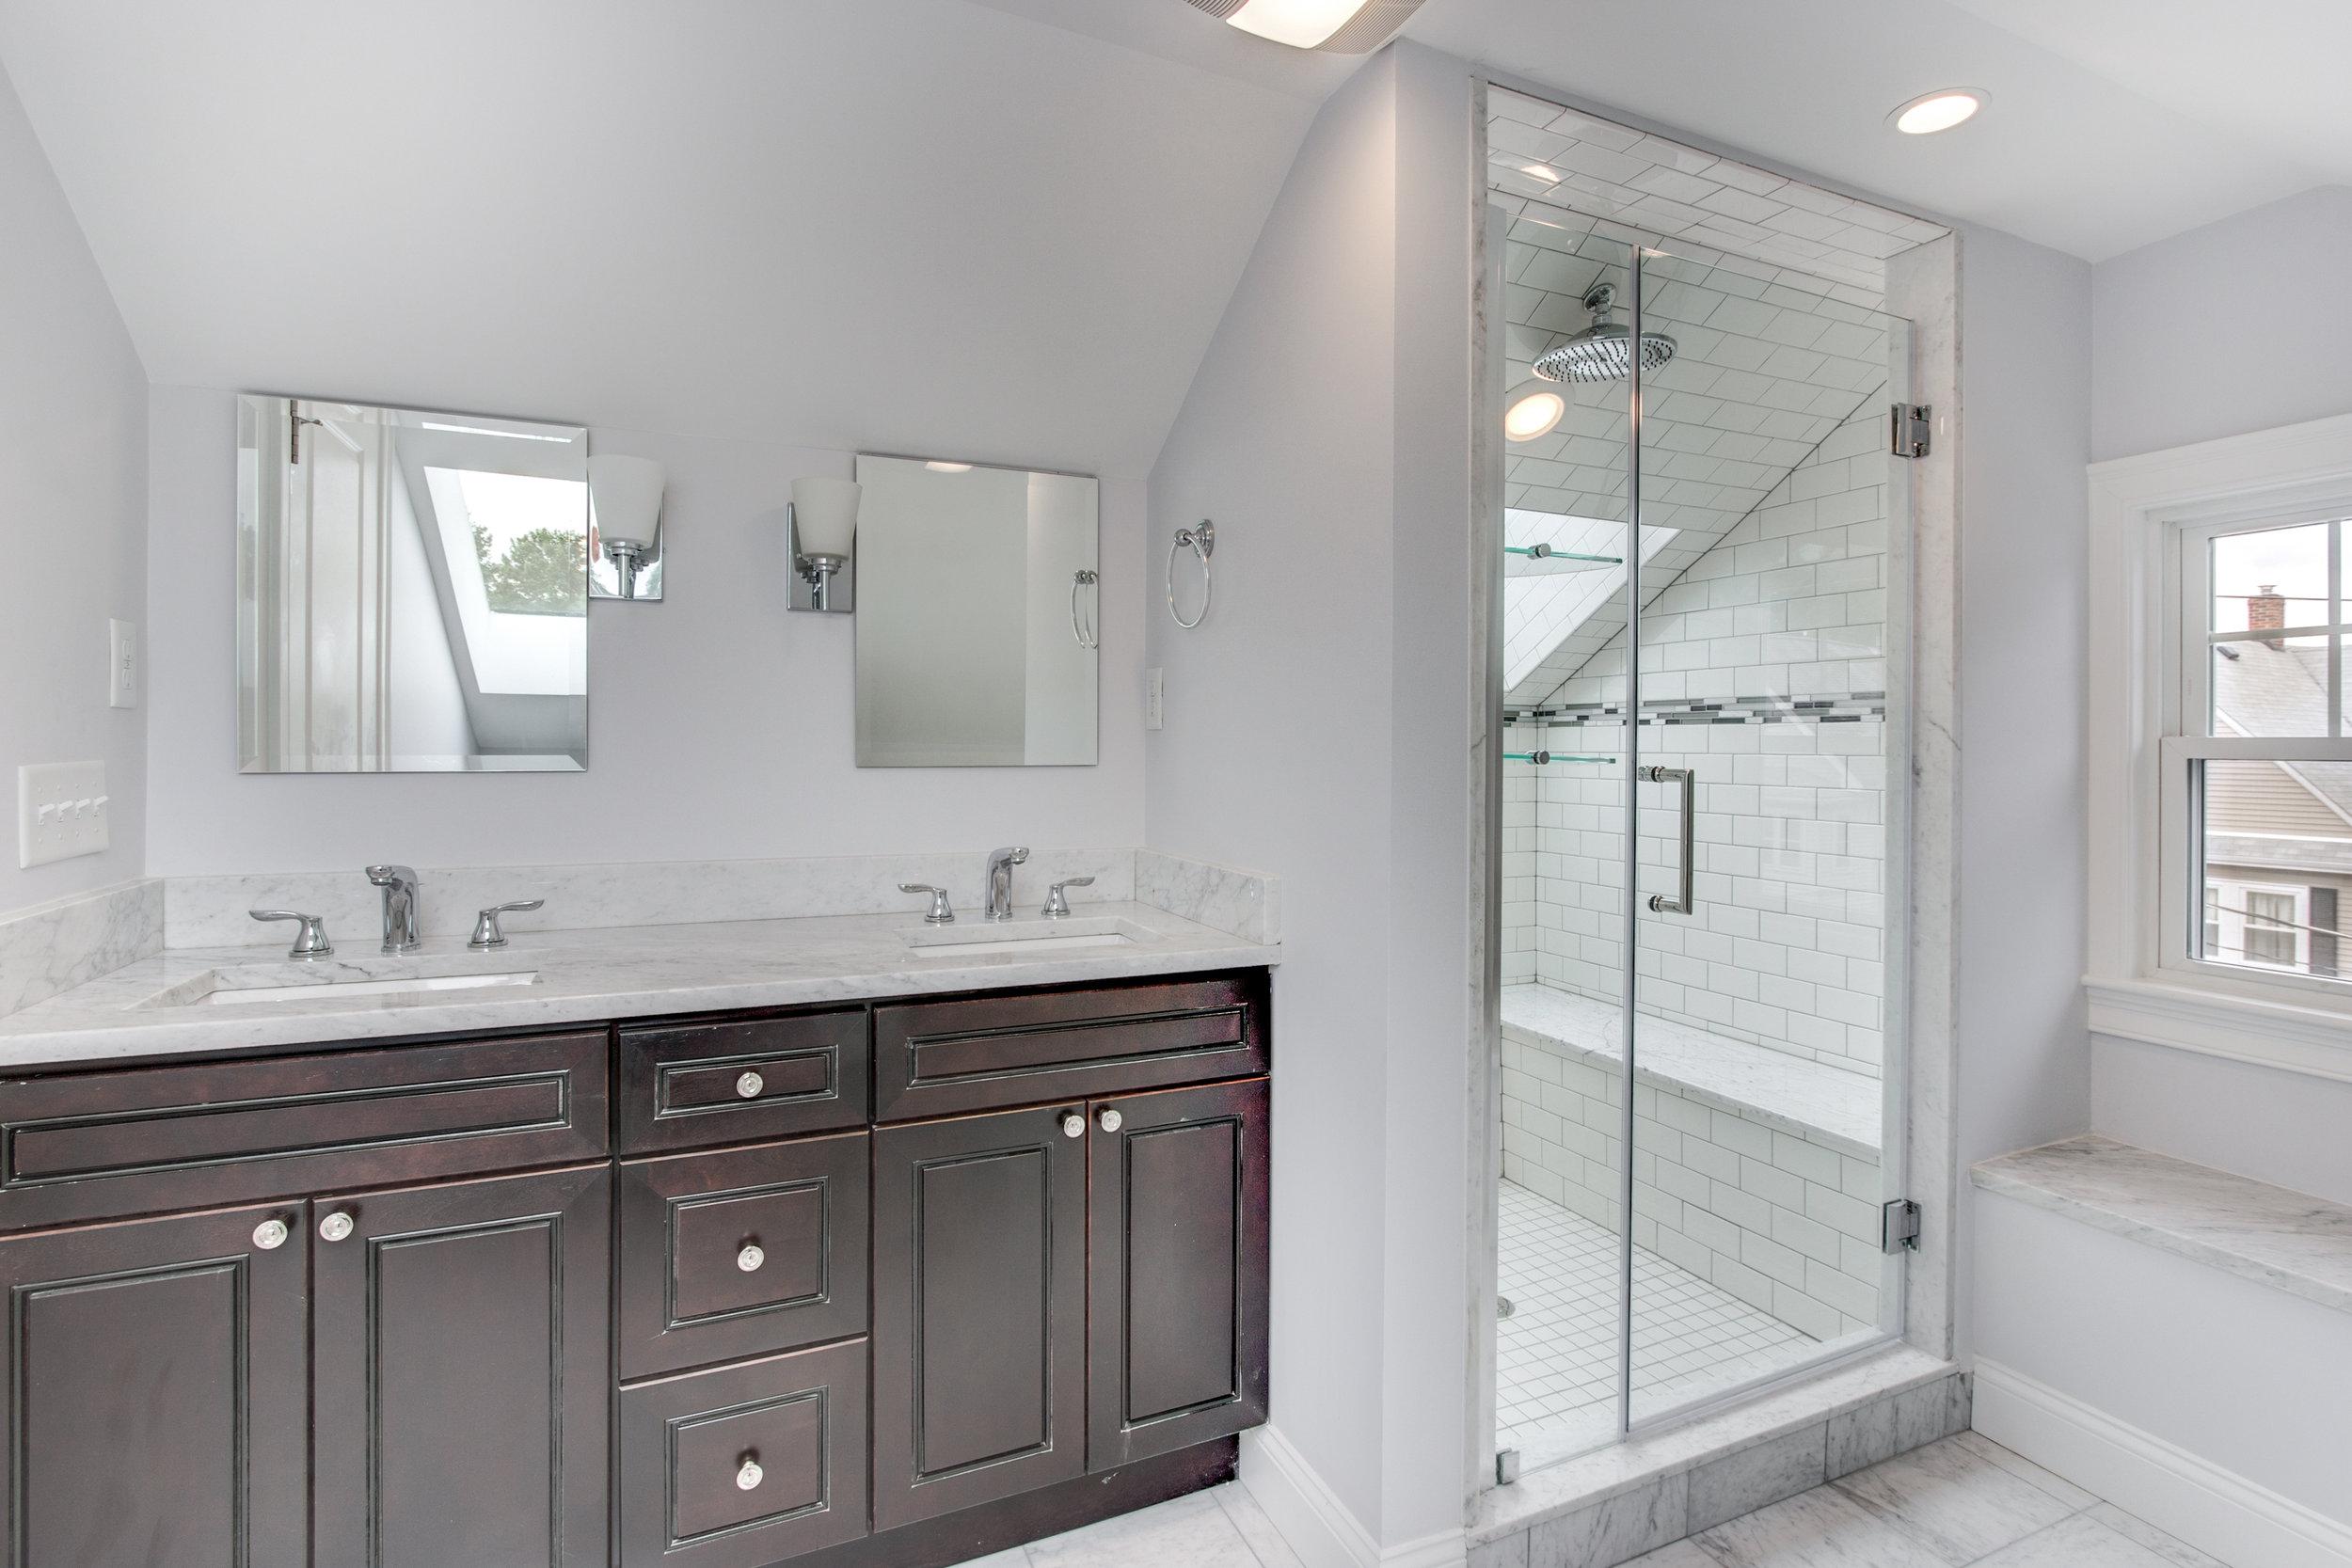 26_Upper_Level_Bathroom-2.jpg